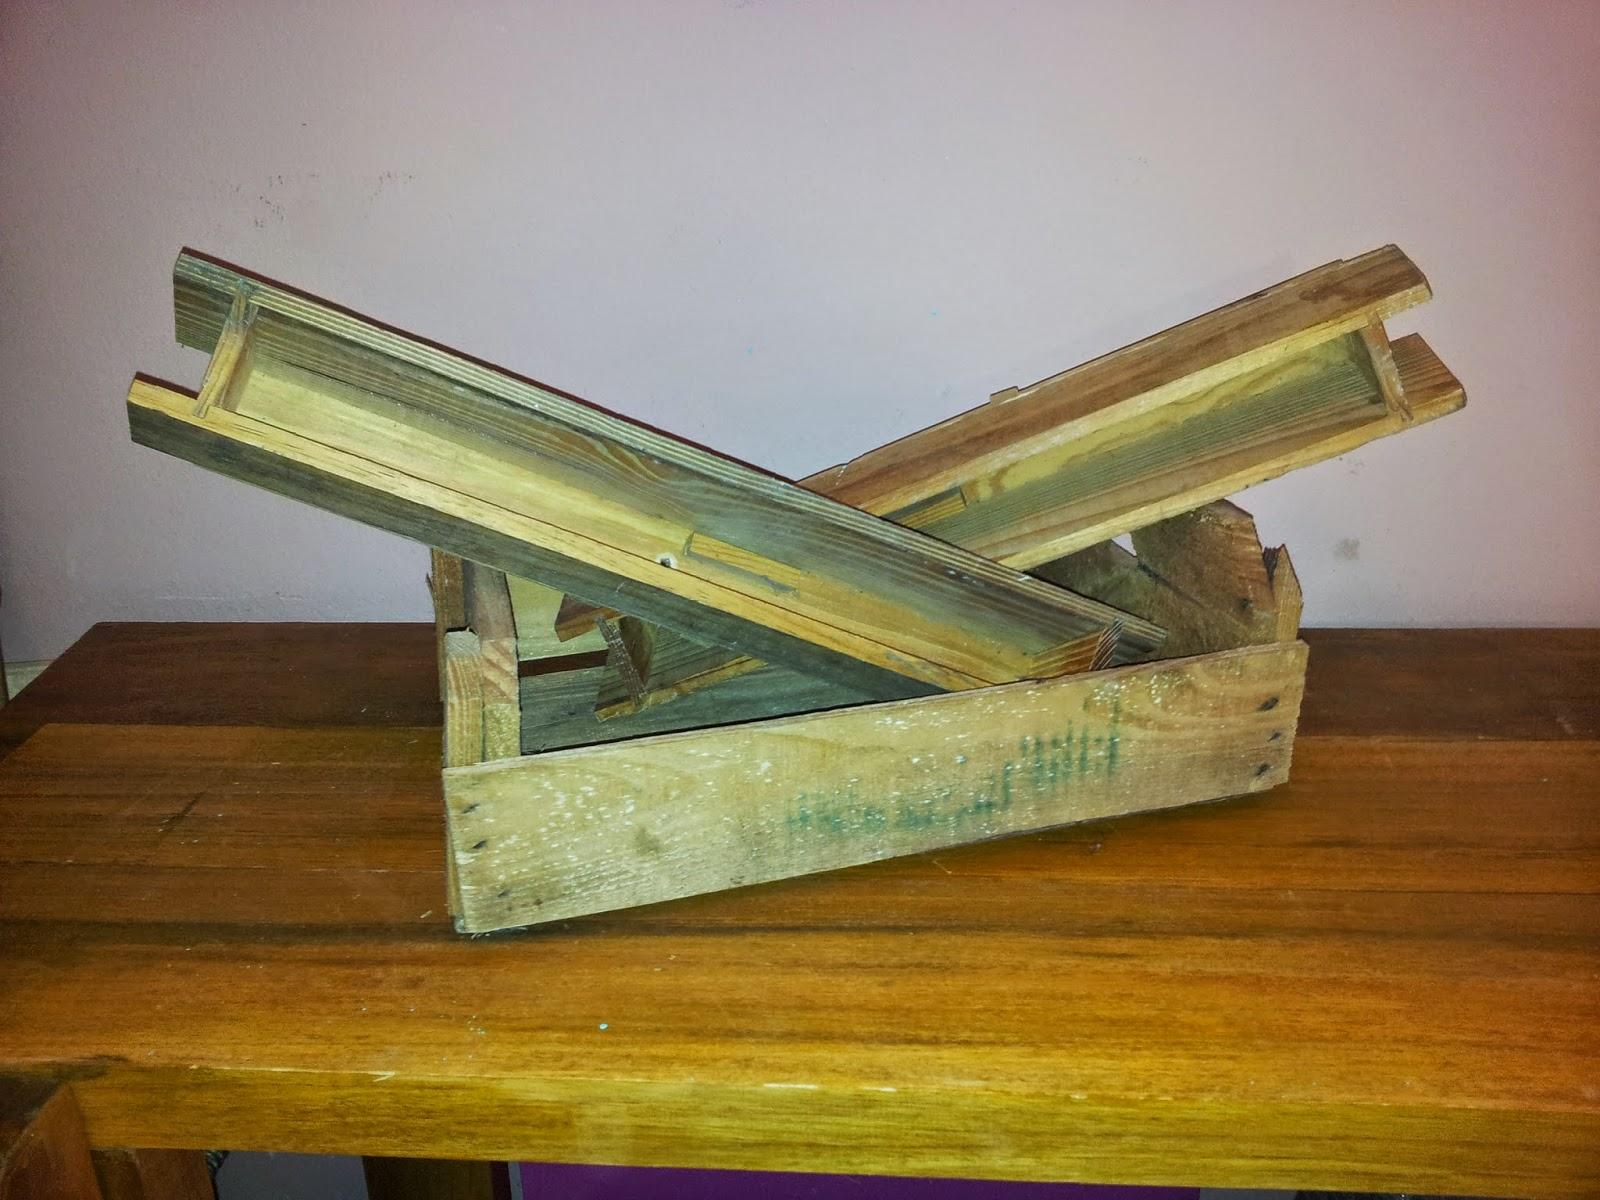 de cavaletes de pintura quebrados e um cabide de madeira #6F4410 1600x1200